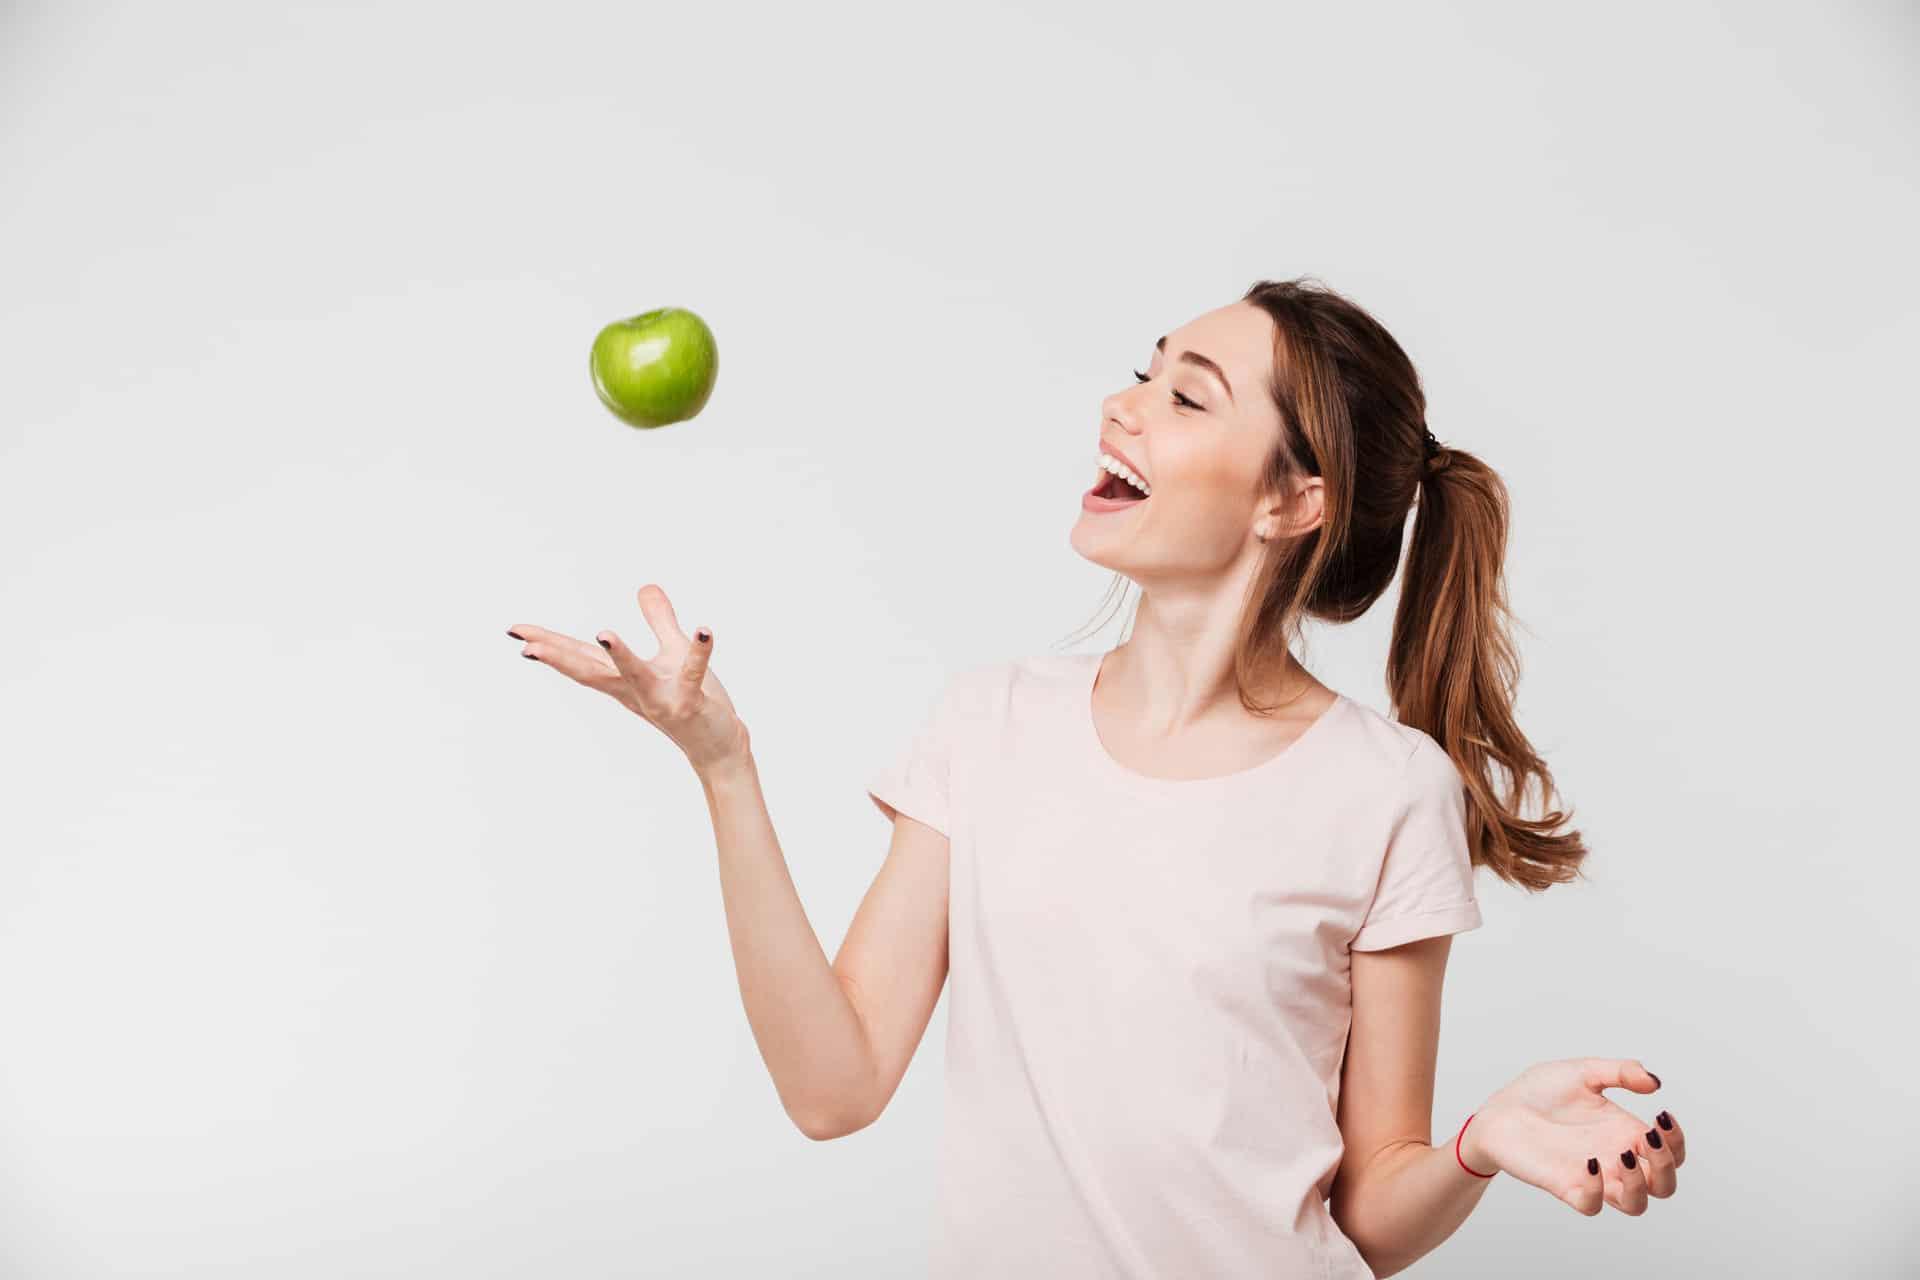 Junge Frau freut sich und wirft Apfel in die Luft, da ihre Zahnfleischentzündung durch optimale Ernährung verschwunden ist